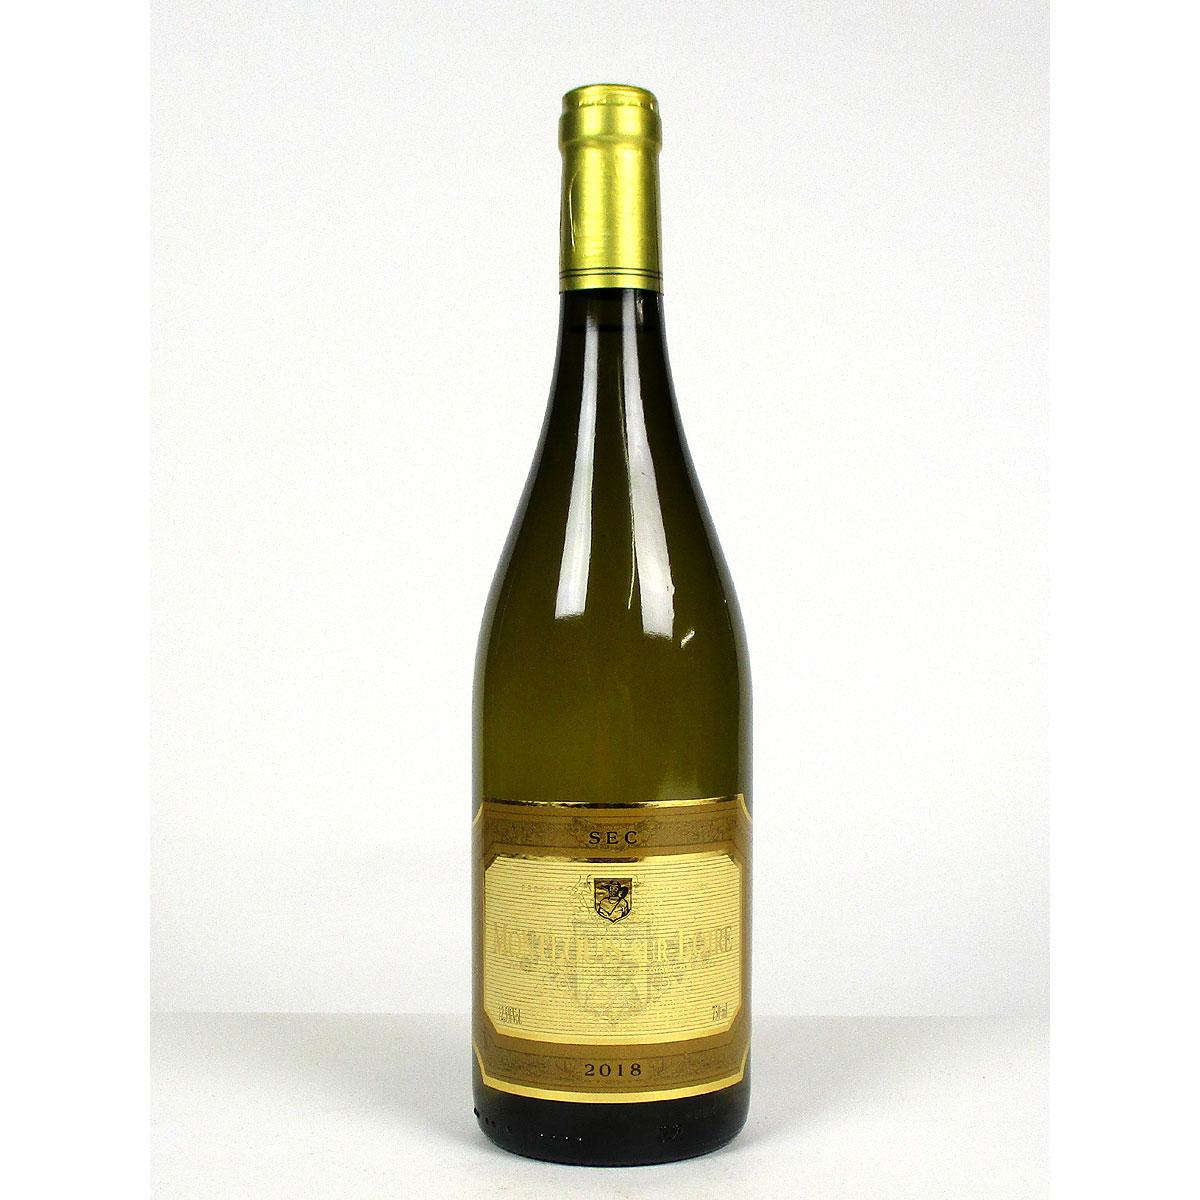 Montlouis-sur-Loire: Domaine des Liards Sec 2018 - Bottle